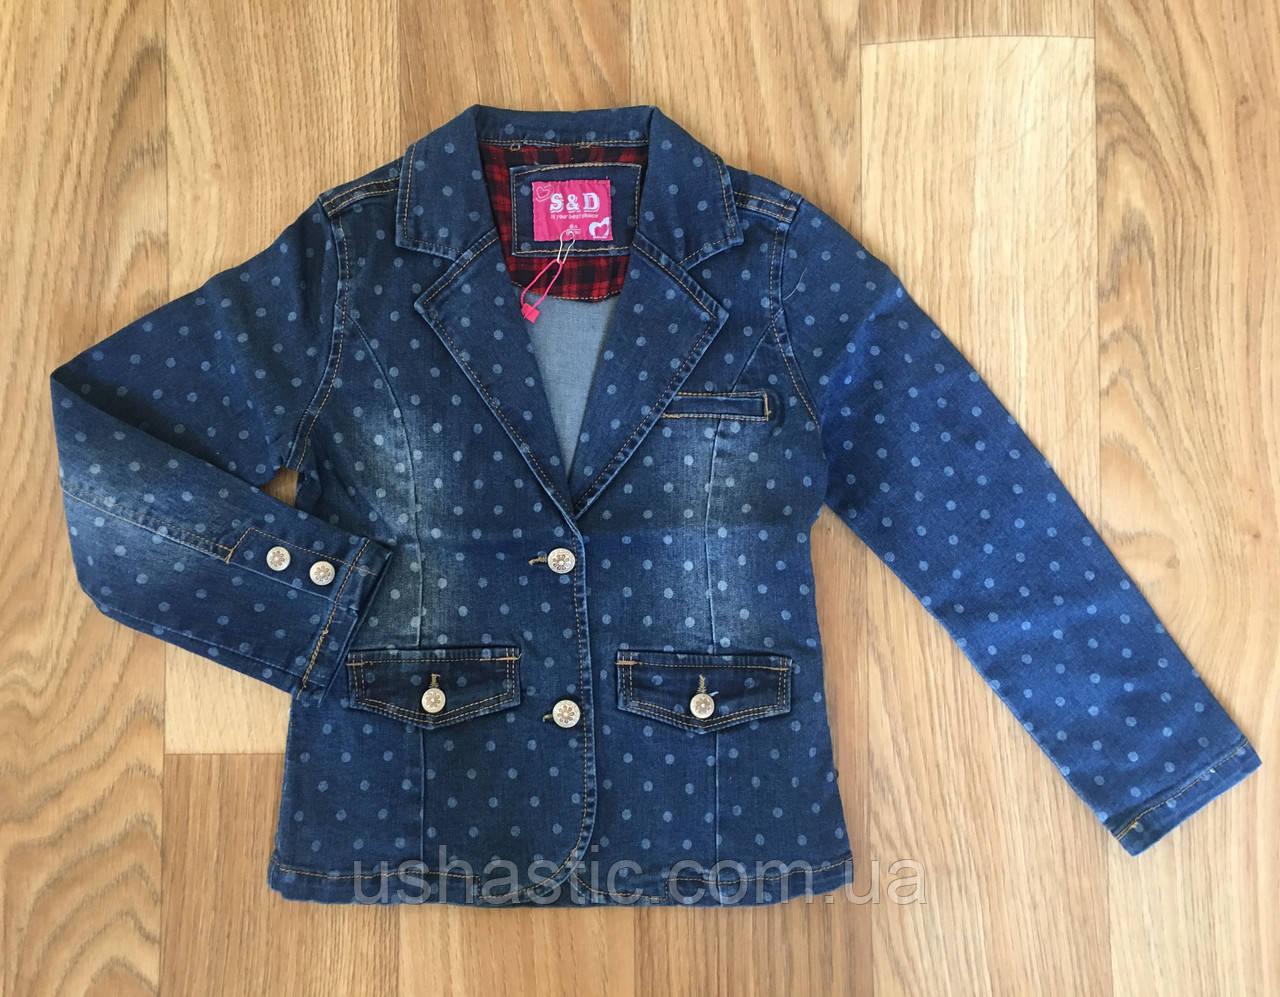 Джинсовая куртка для девочек на 9-16 лет (Венгрия)